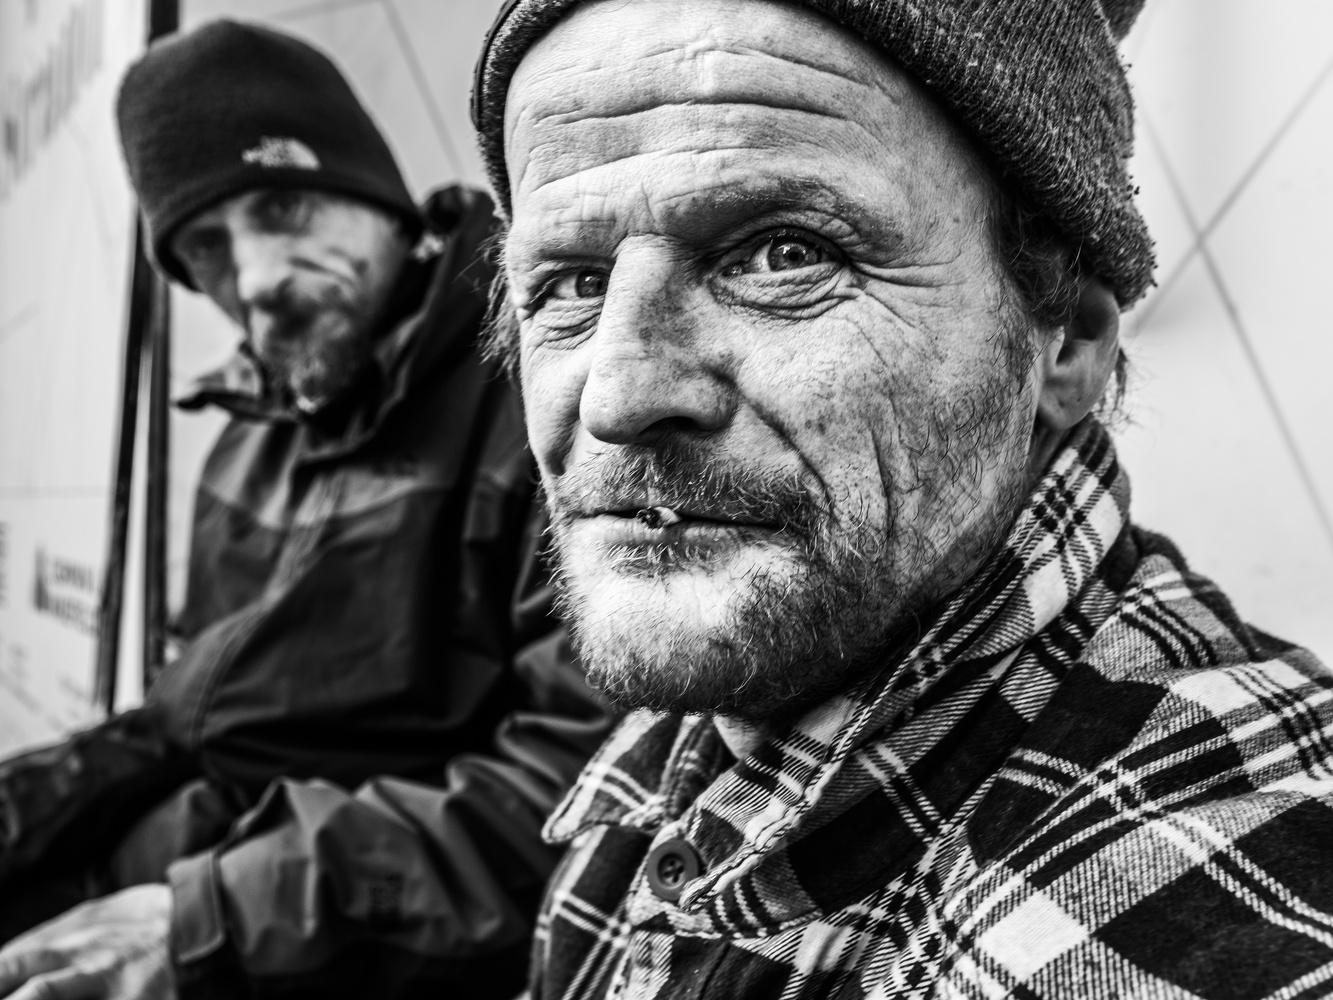 Street Portrait of Glen by Tomasz Kowalski